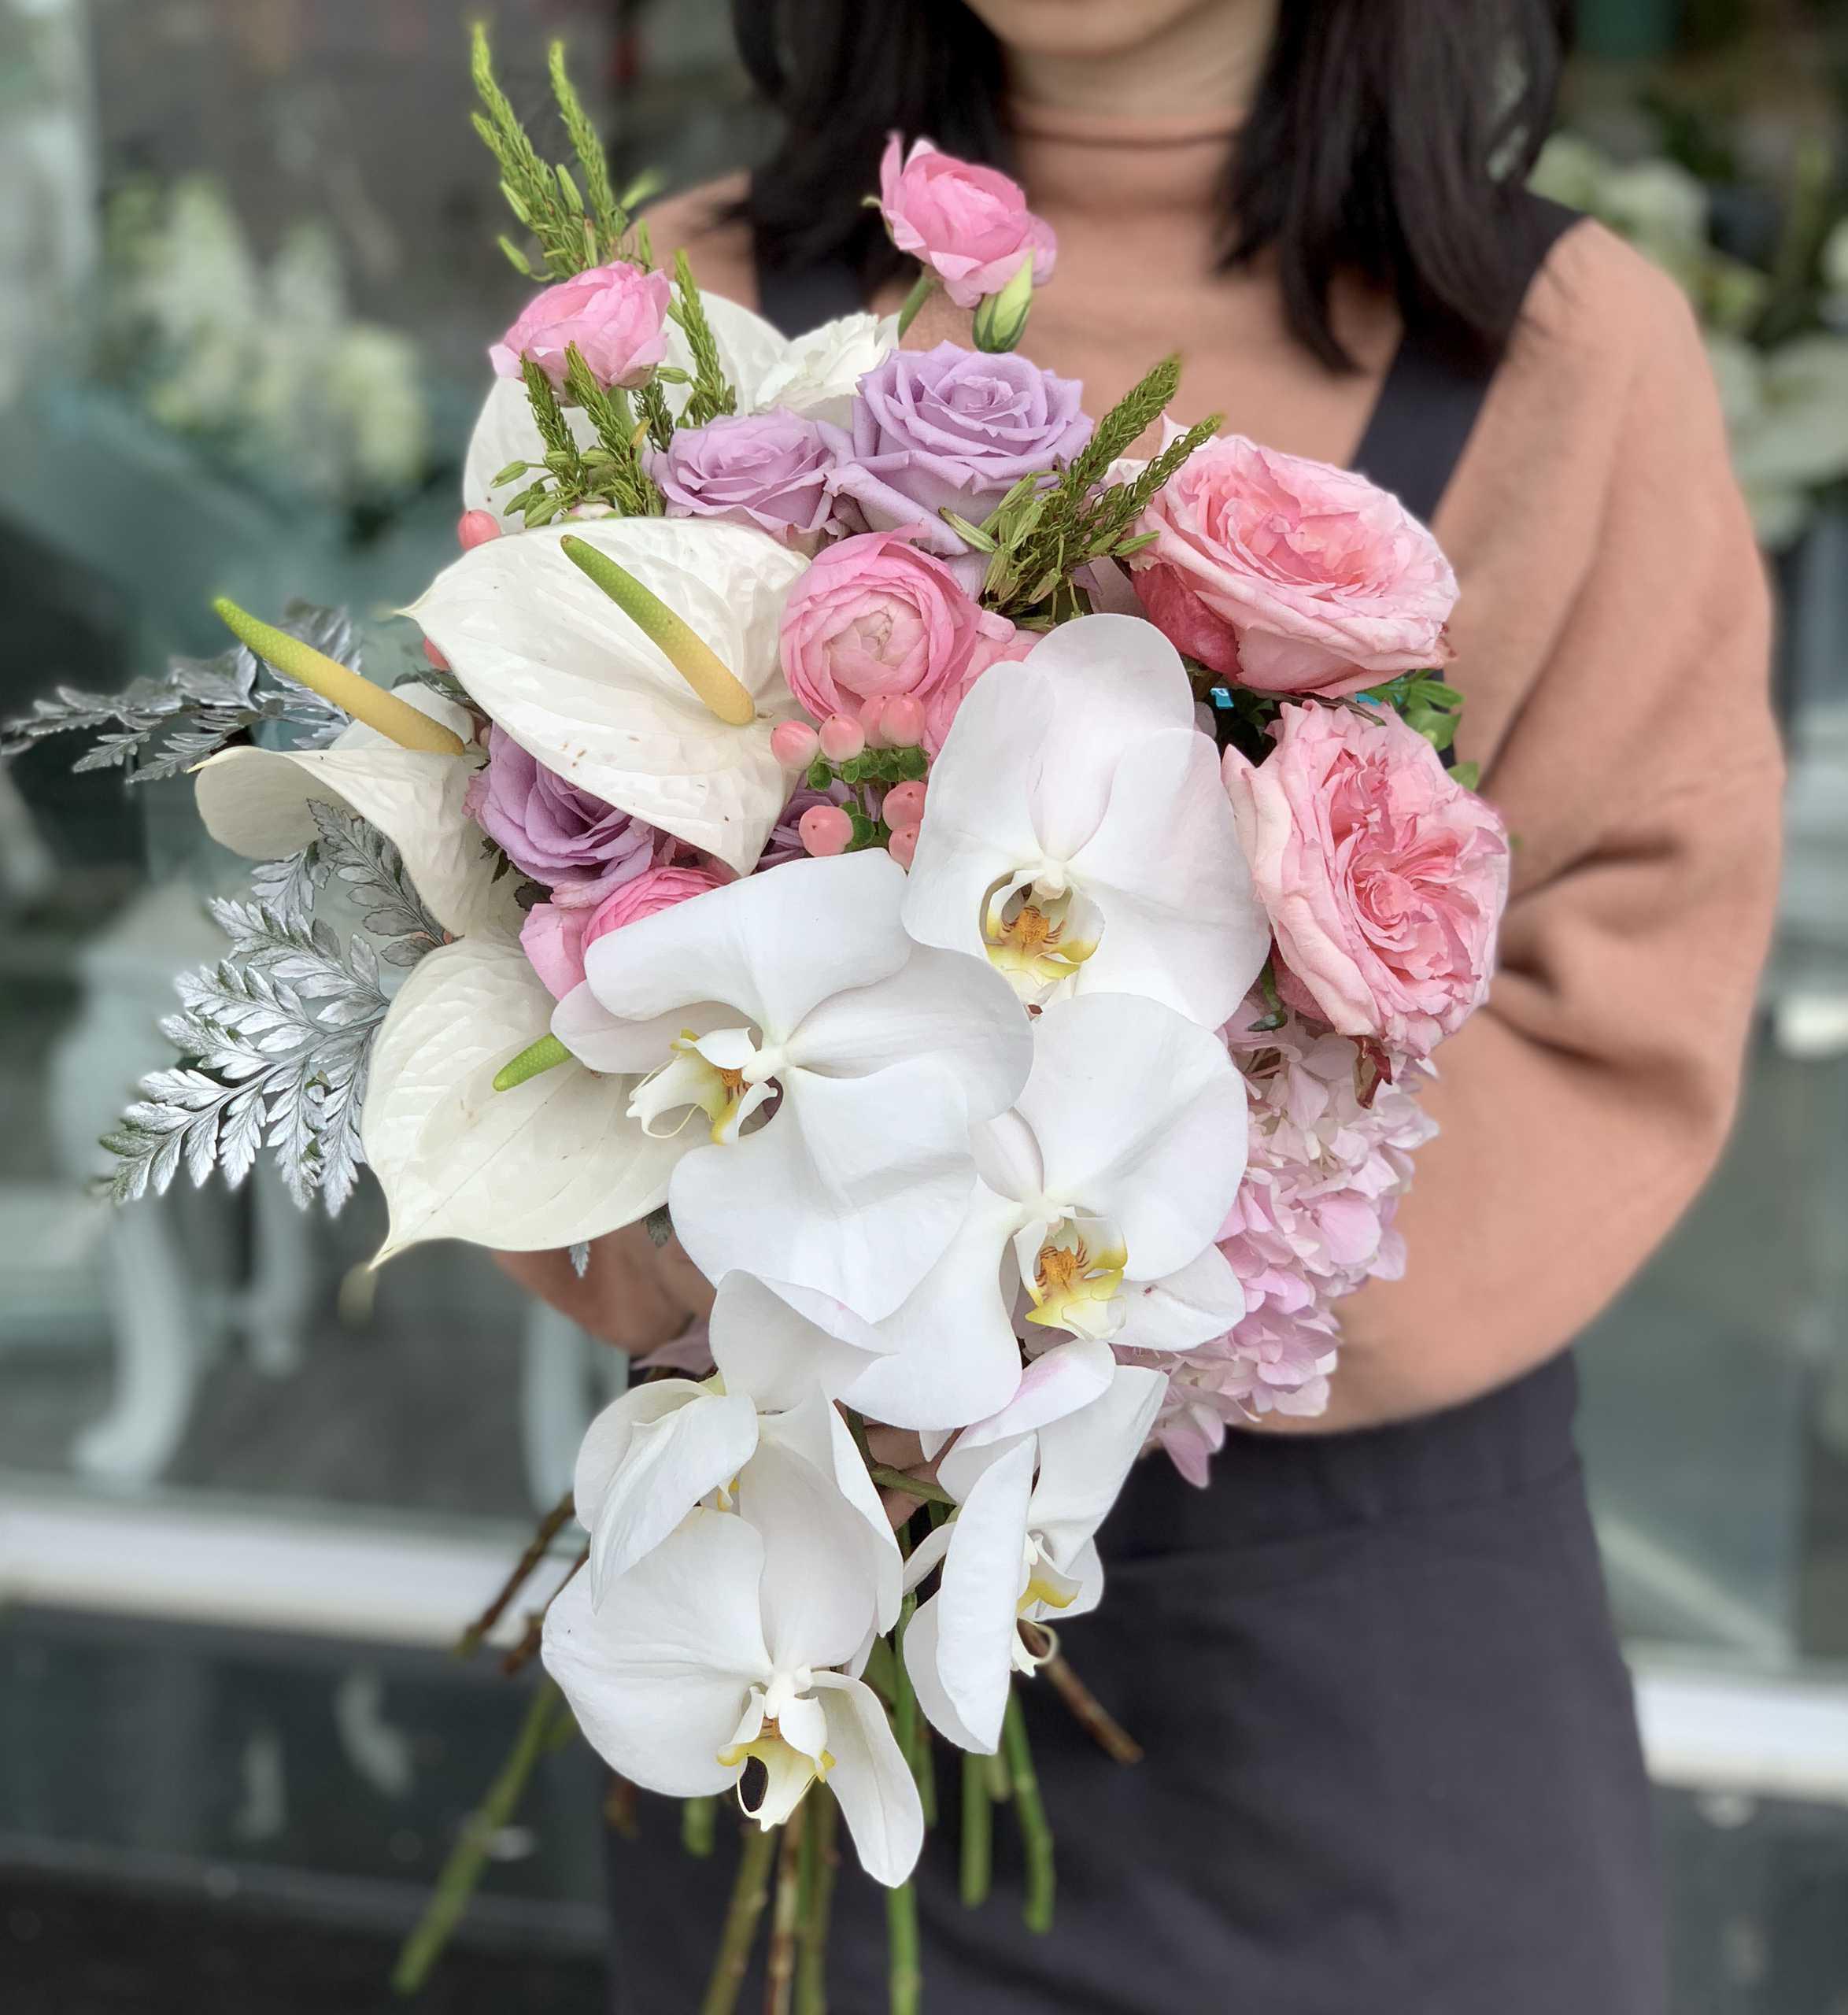 giá hoa cầm tay cô dâu 3